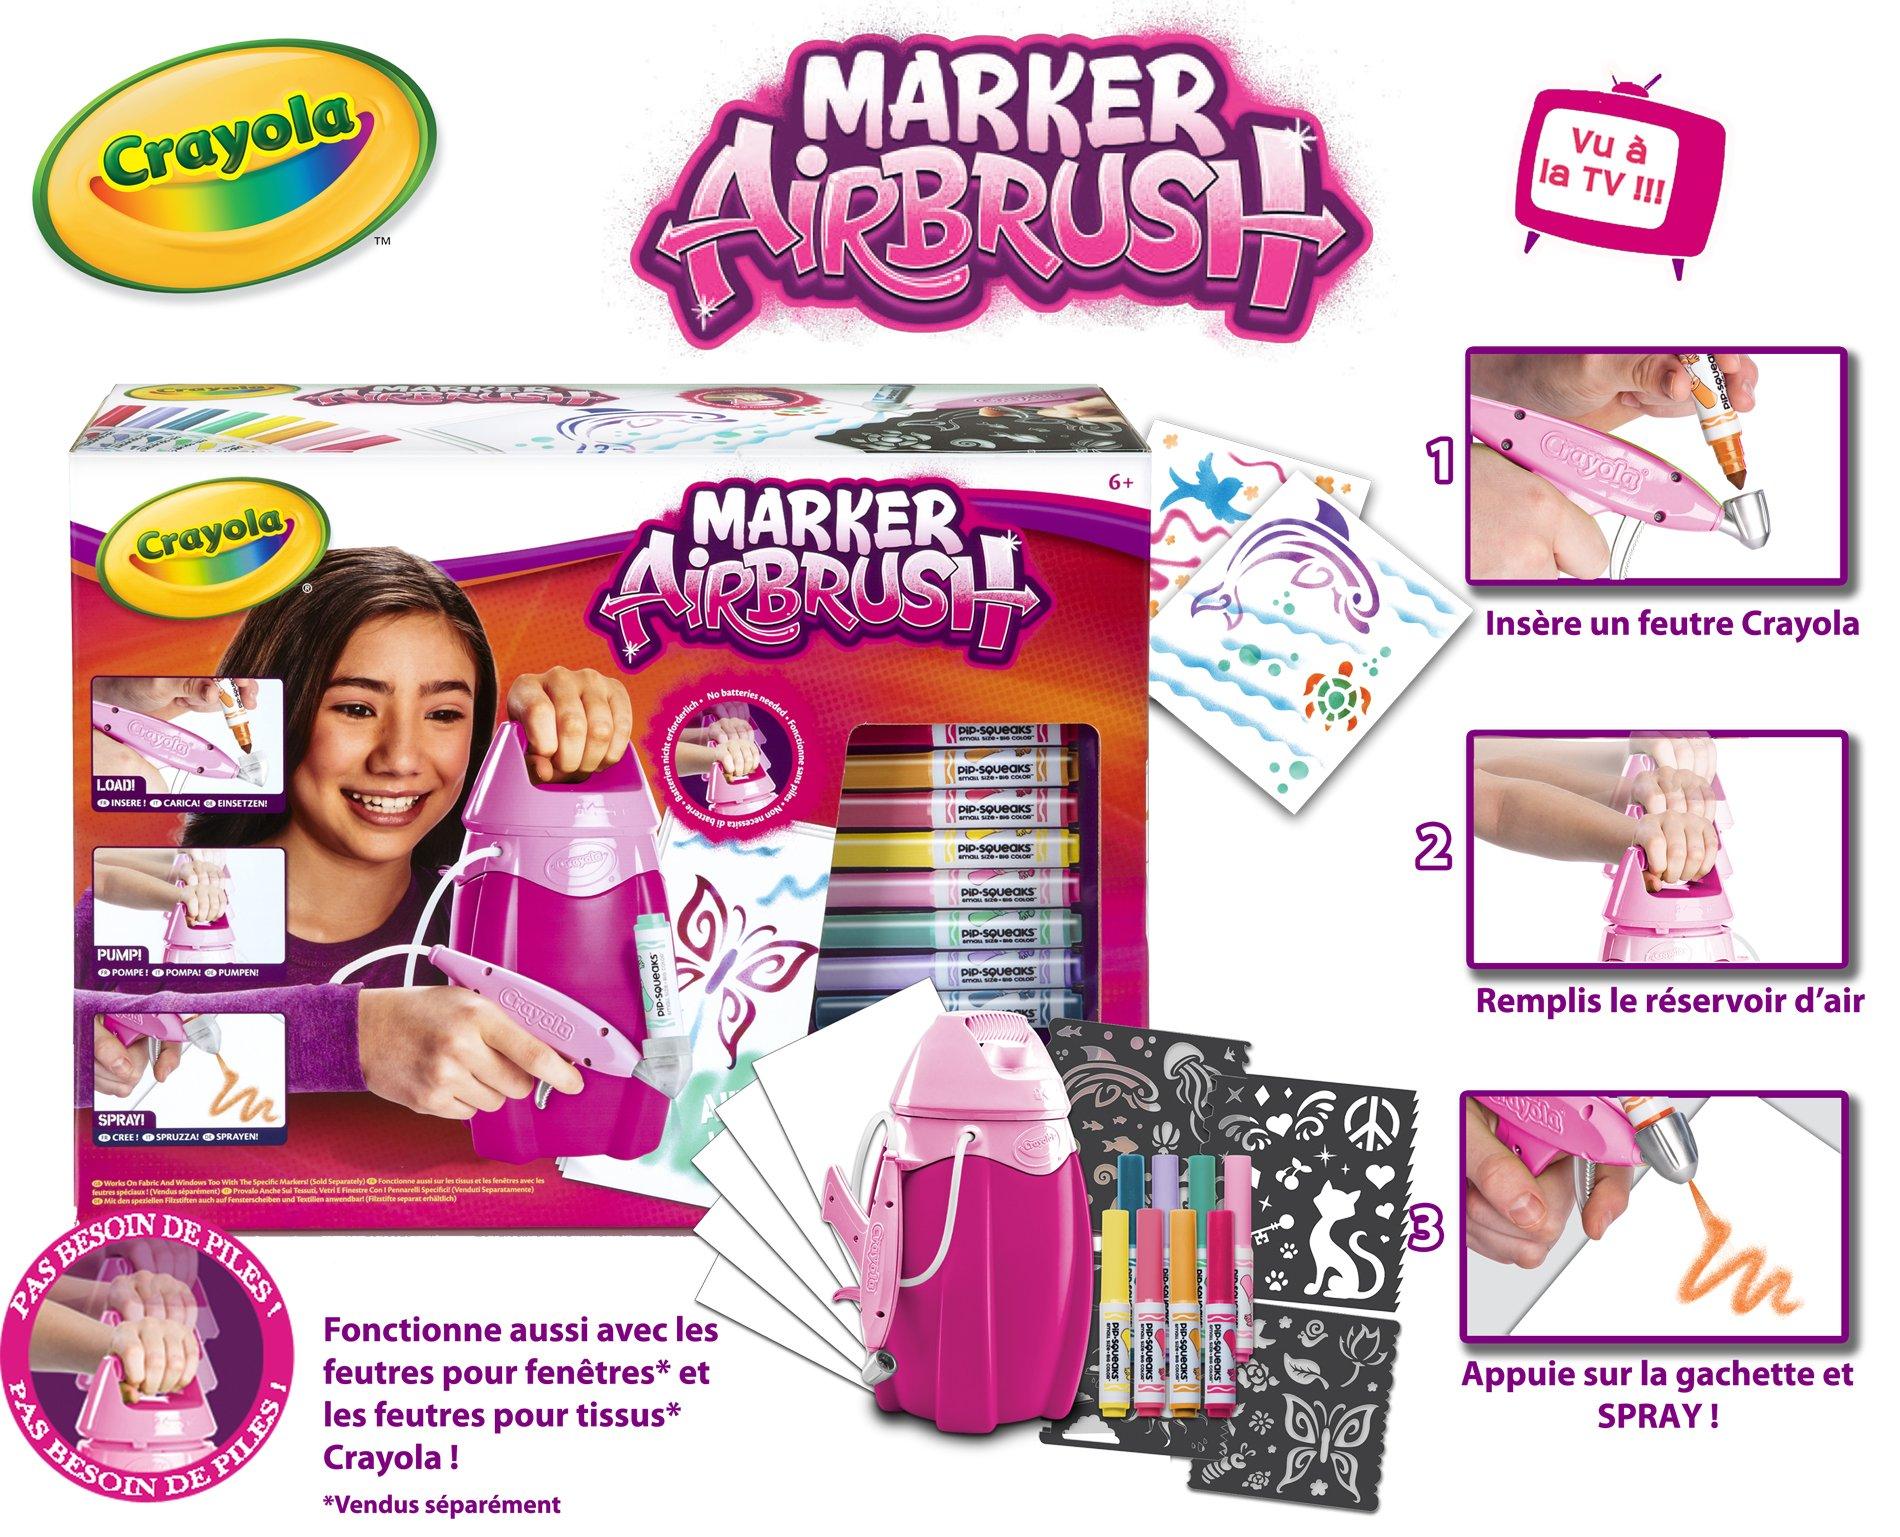 Crayola 04-8732-e-000 Marker Airbrush Hobby Kit–Pink by Crayola (Image #2)